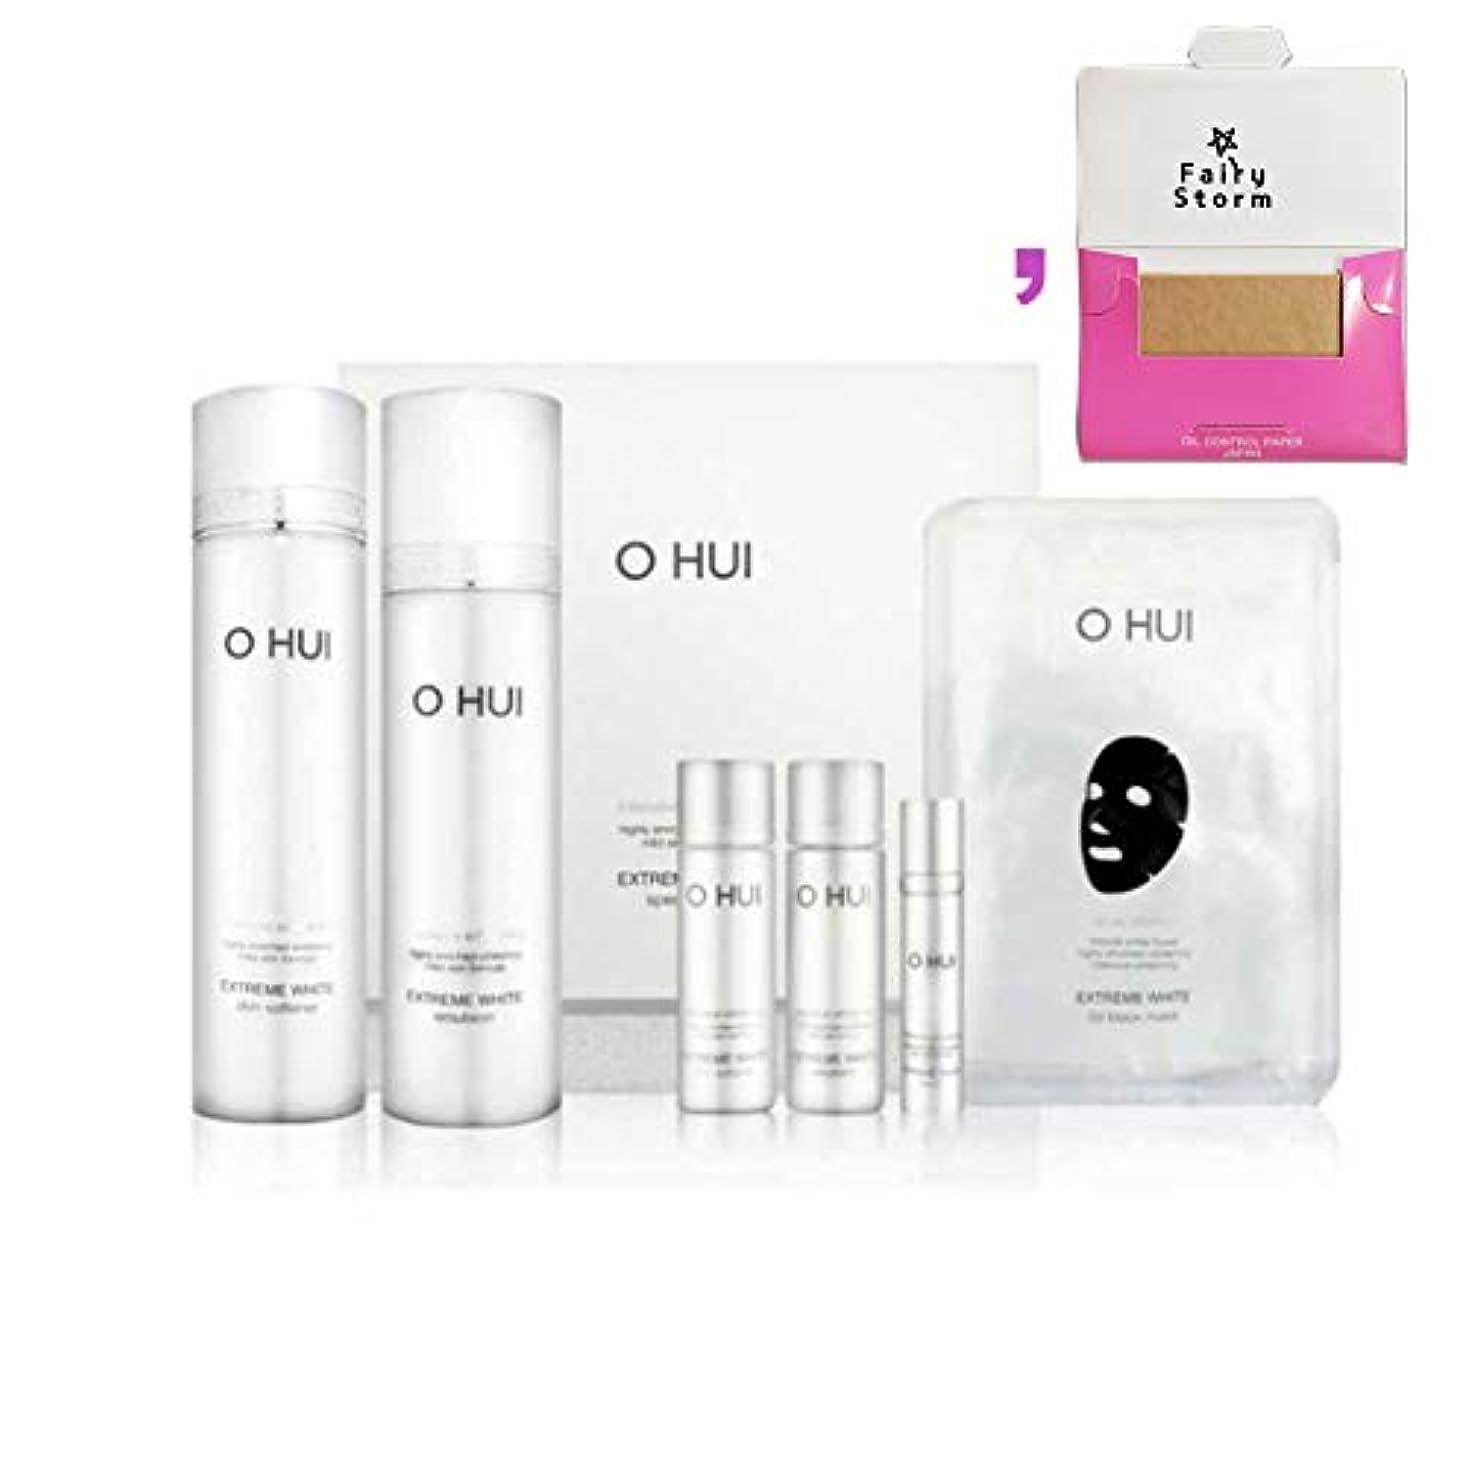 明確に振動させる周術期OHUI/オフィ エクストリームホワイト 2種企画セット /OHUI EXTREME WHITE SET set+ [Sample Gift ](海外直送品)